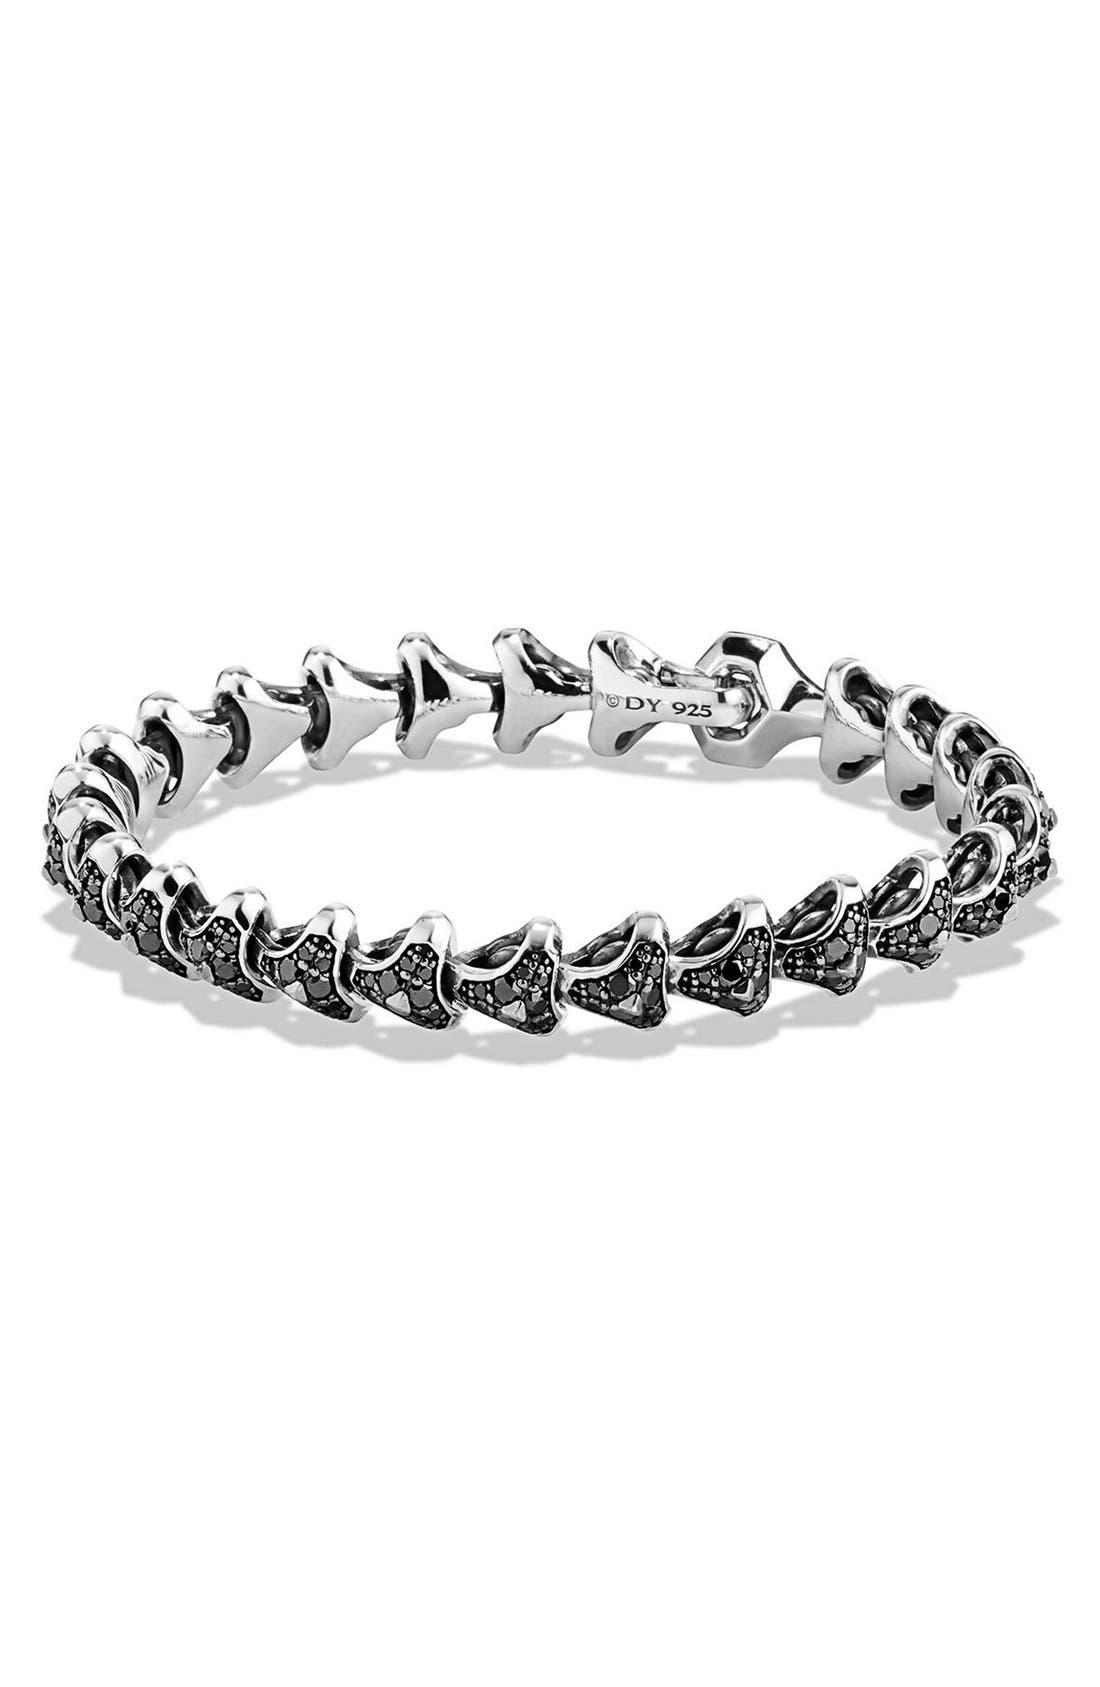 Main Image - David Yurman 'Armory' Single Row Link Bracelet with Black Diamonds